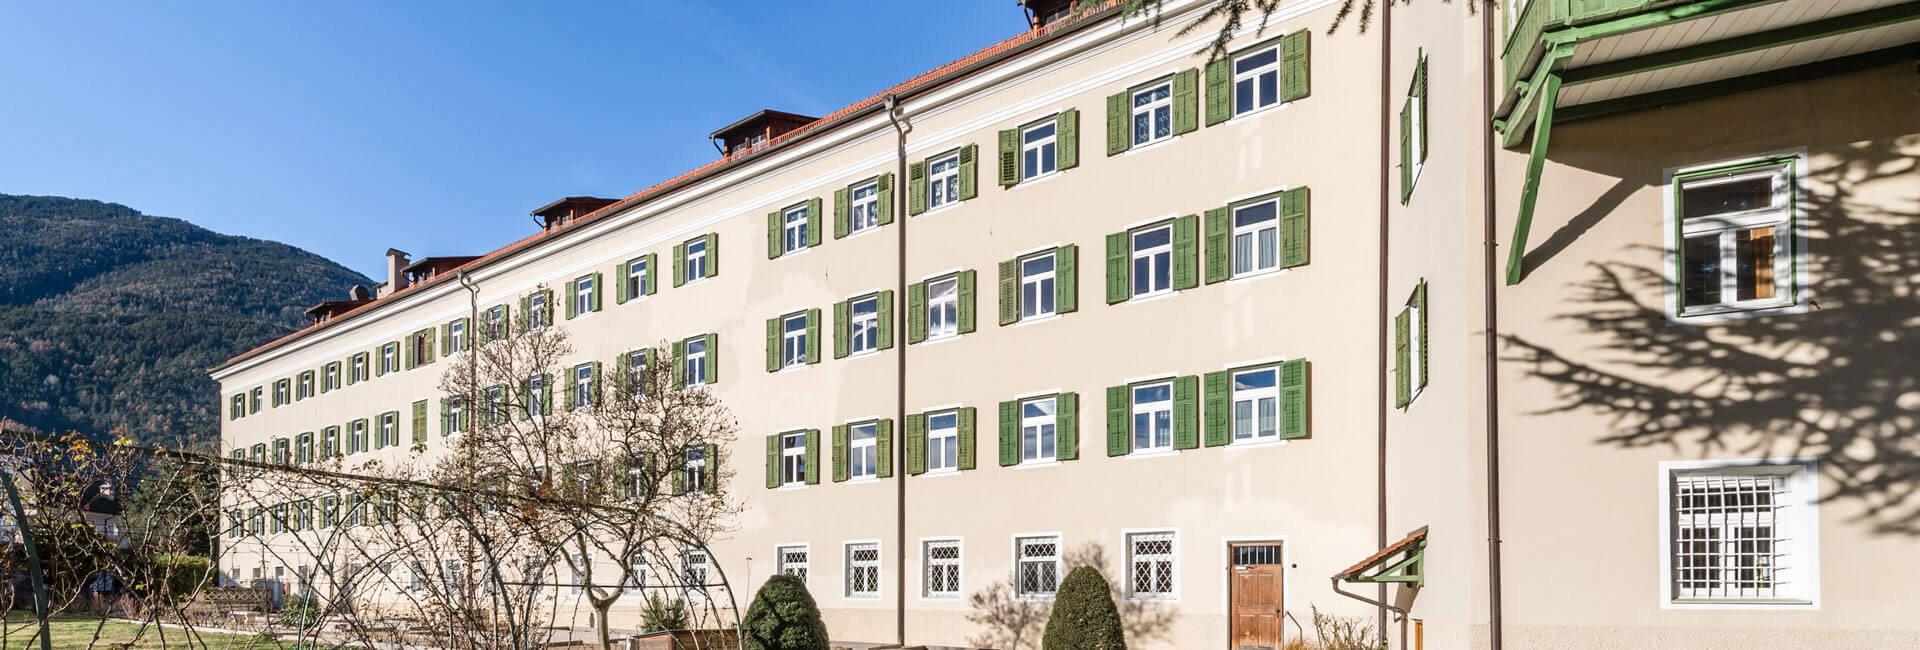 studentenwohnheim-brixen-02